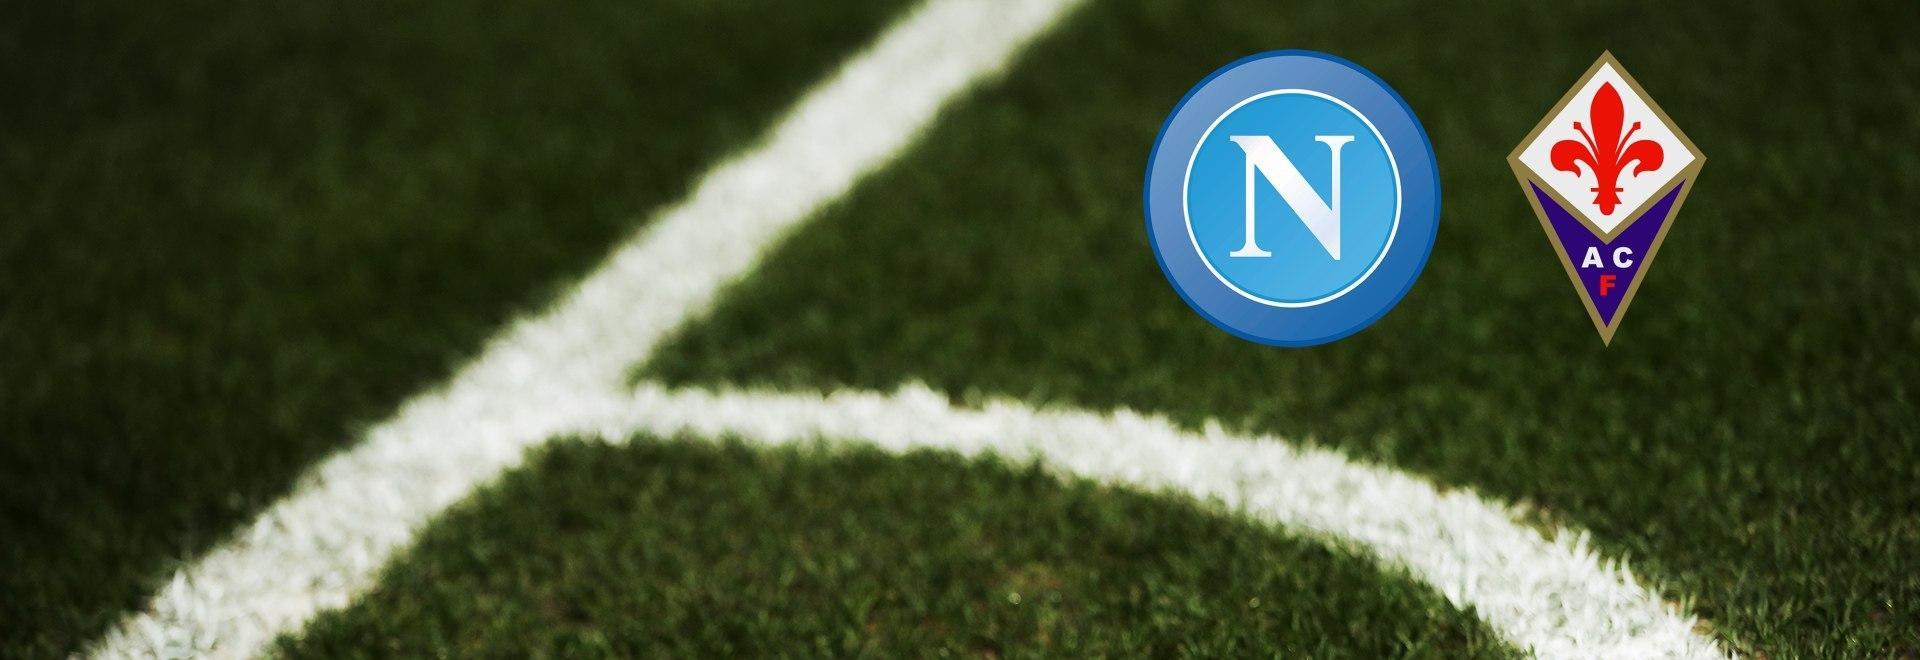 Napoli - Fiorentina. 18a g.